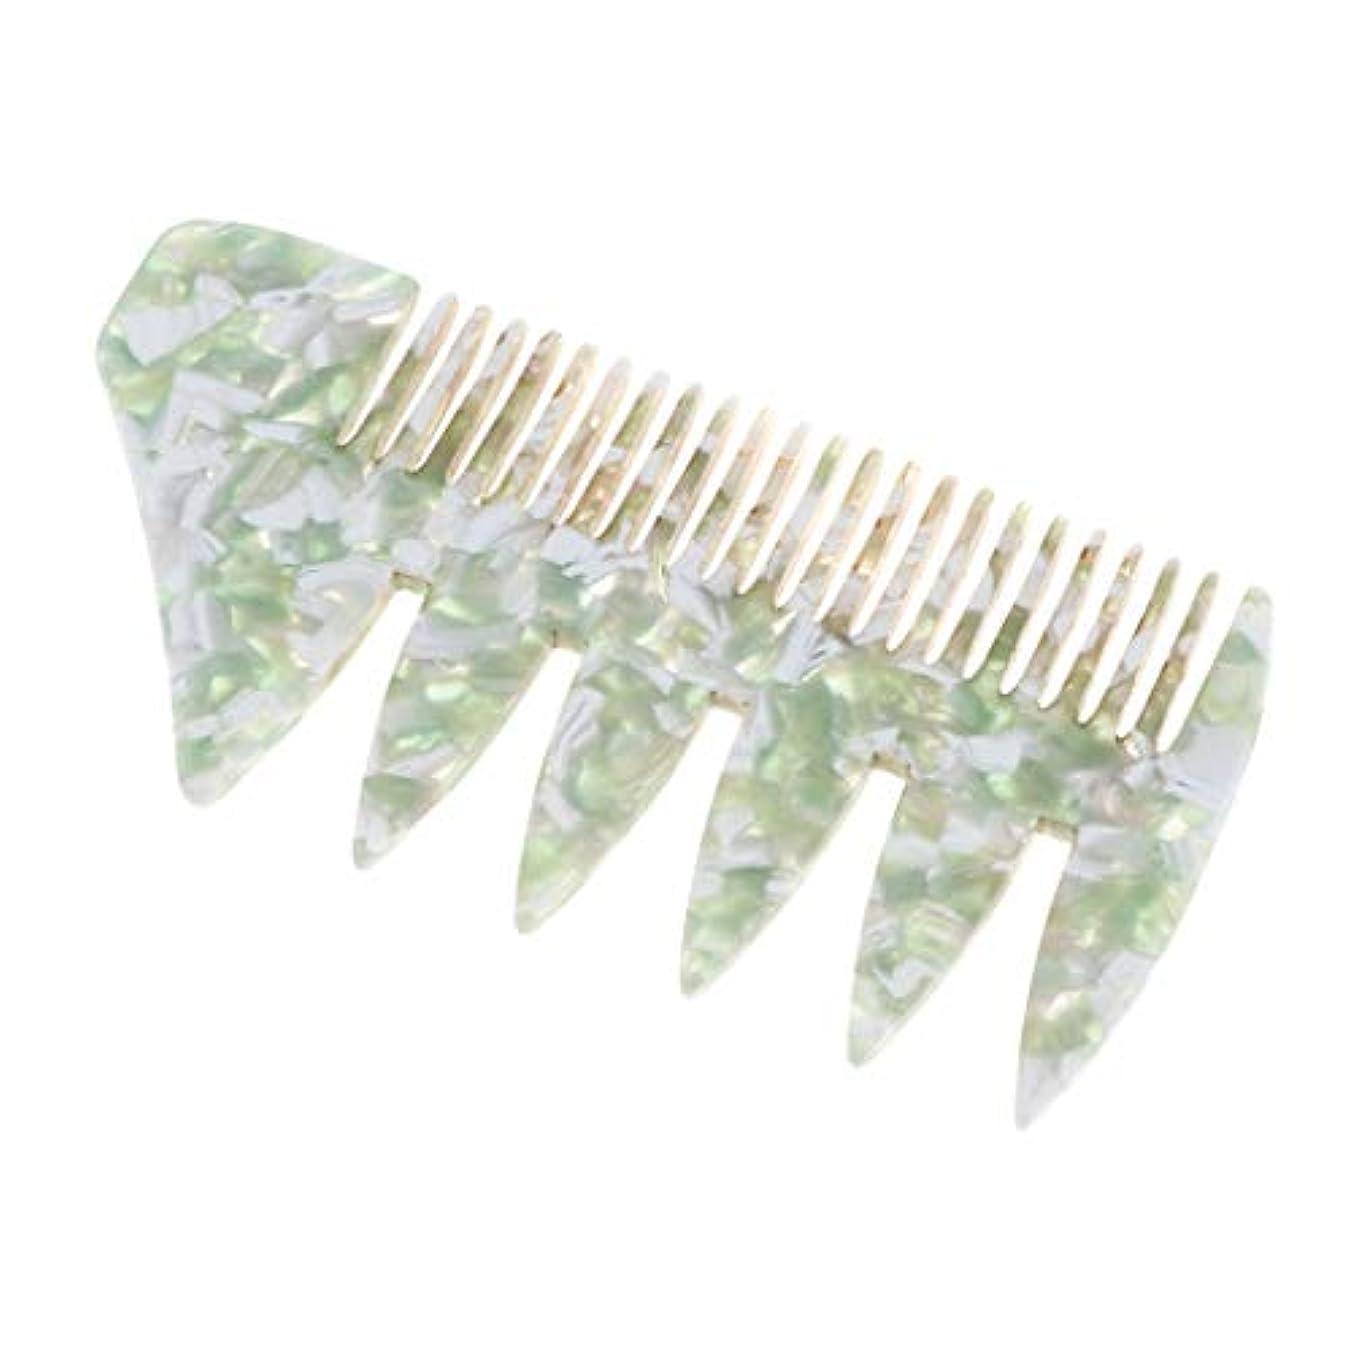 国民投票保証金楽観SM SunniMix プラスチック 広い歯 ヘアスタイリング櫛 くし 全4色 - 緑